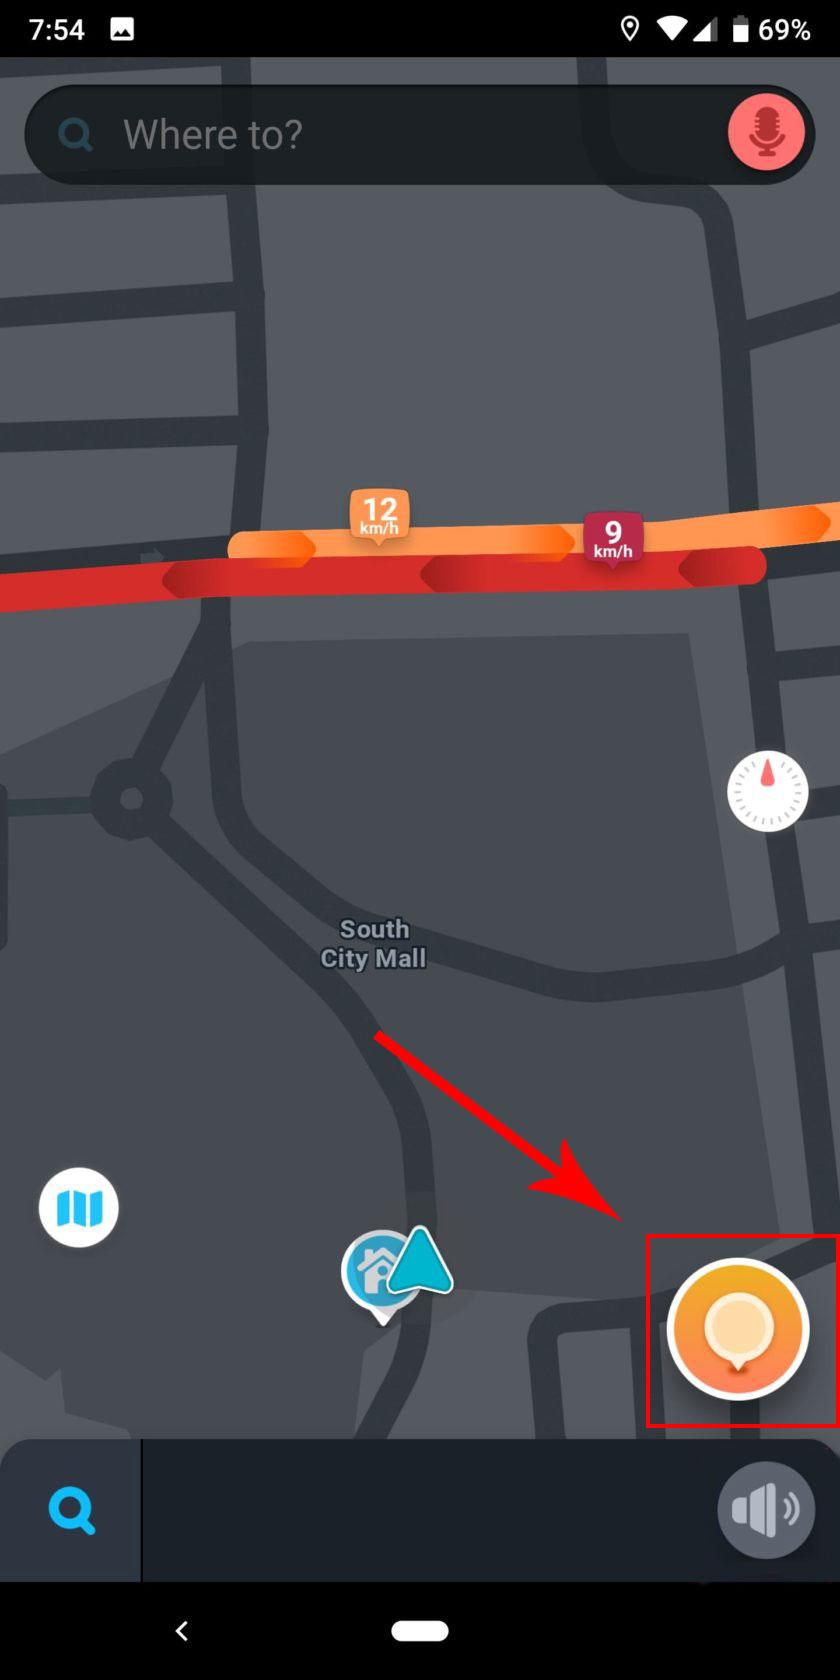 روش ثبت مکان نقشه ویز ، آموزش ثبت آدرس در برنامه Waze